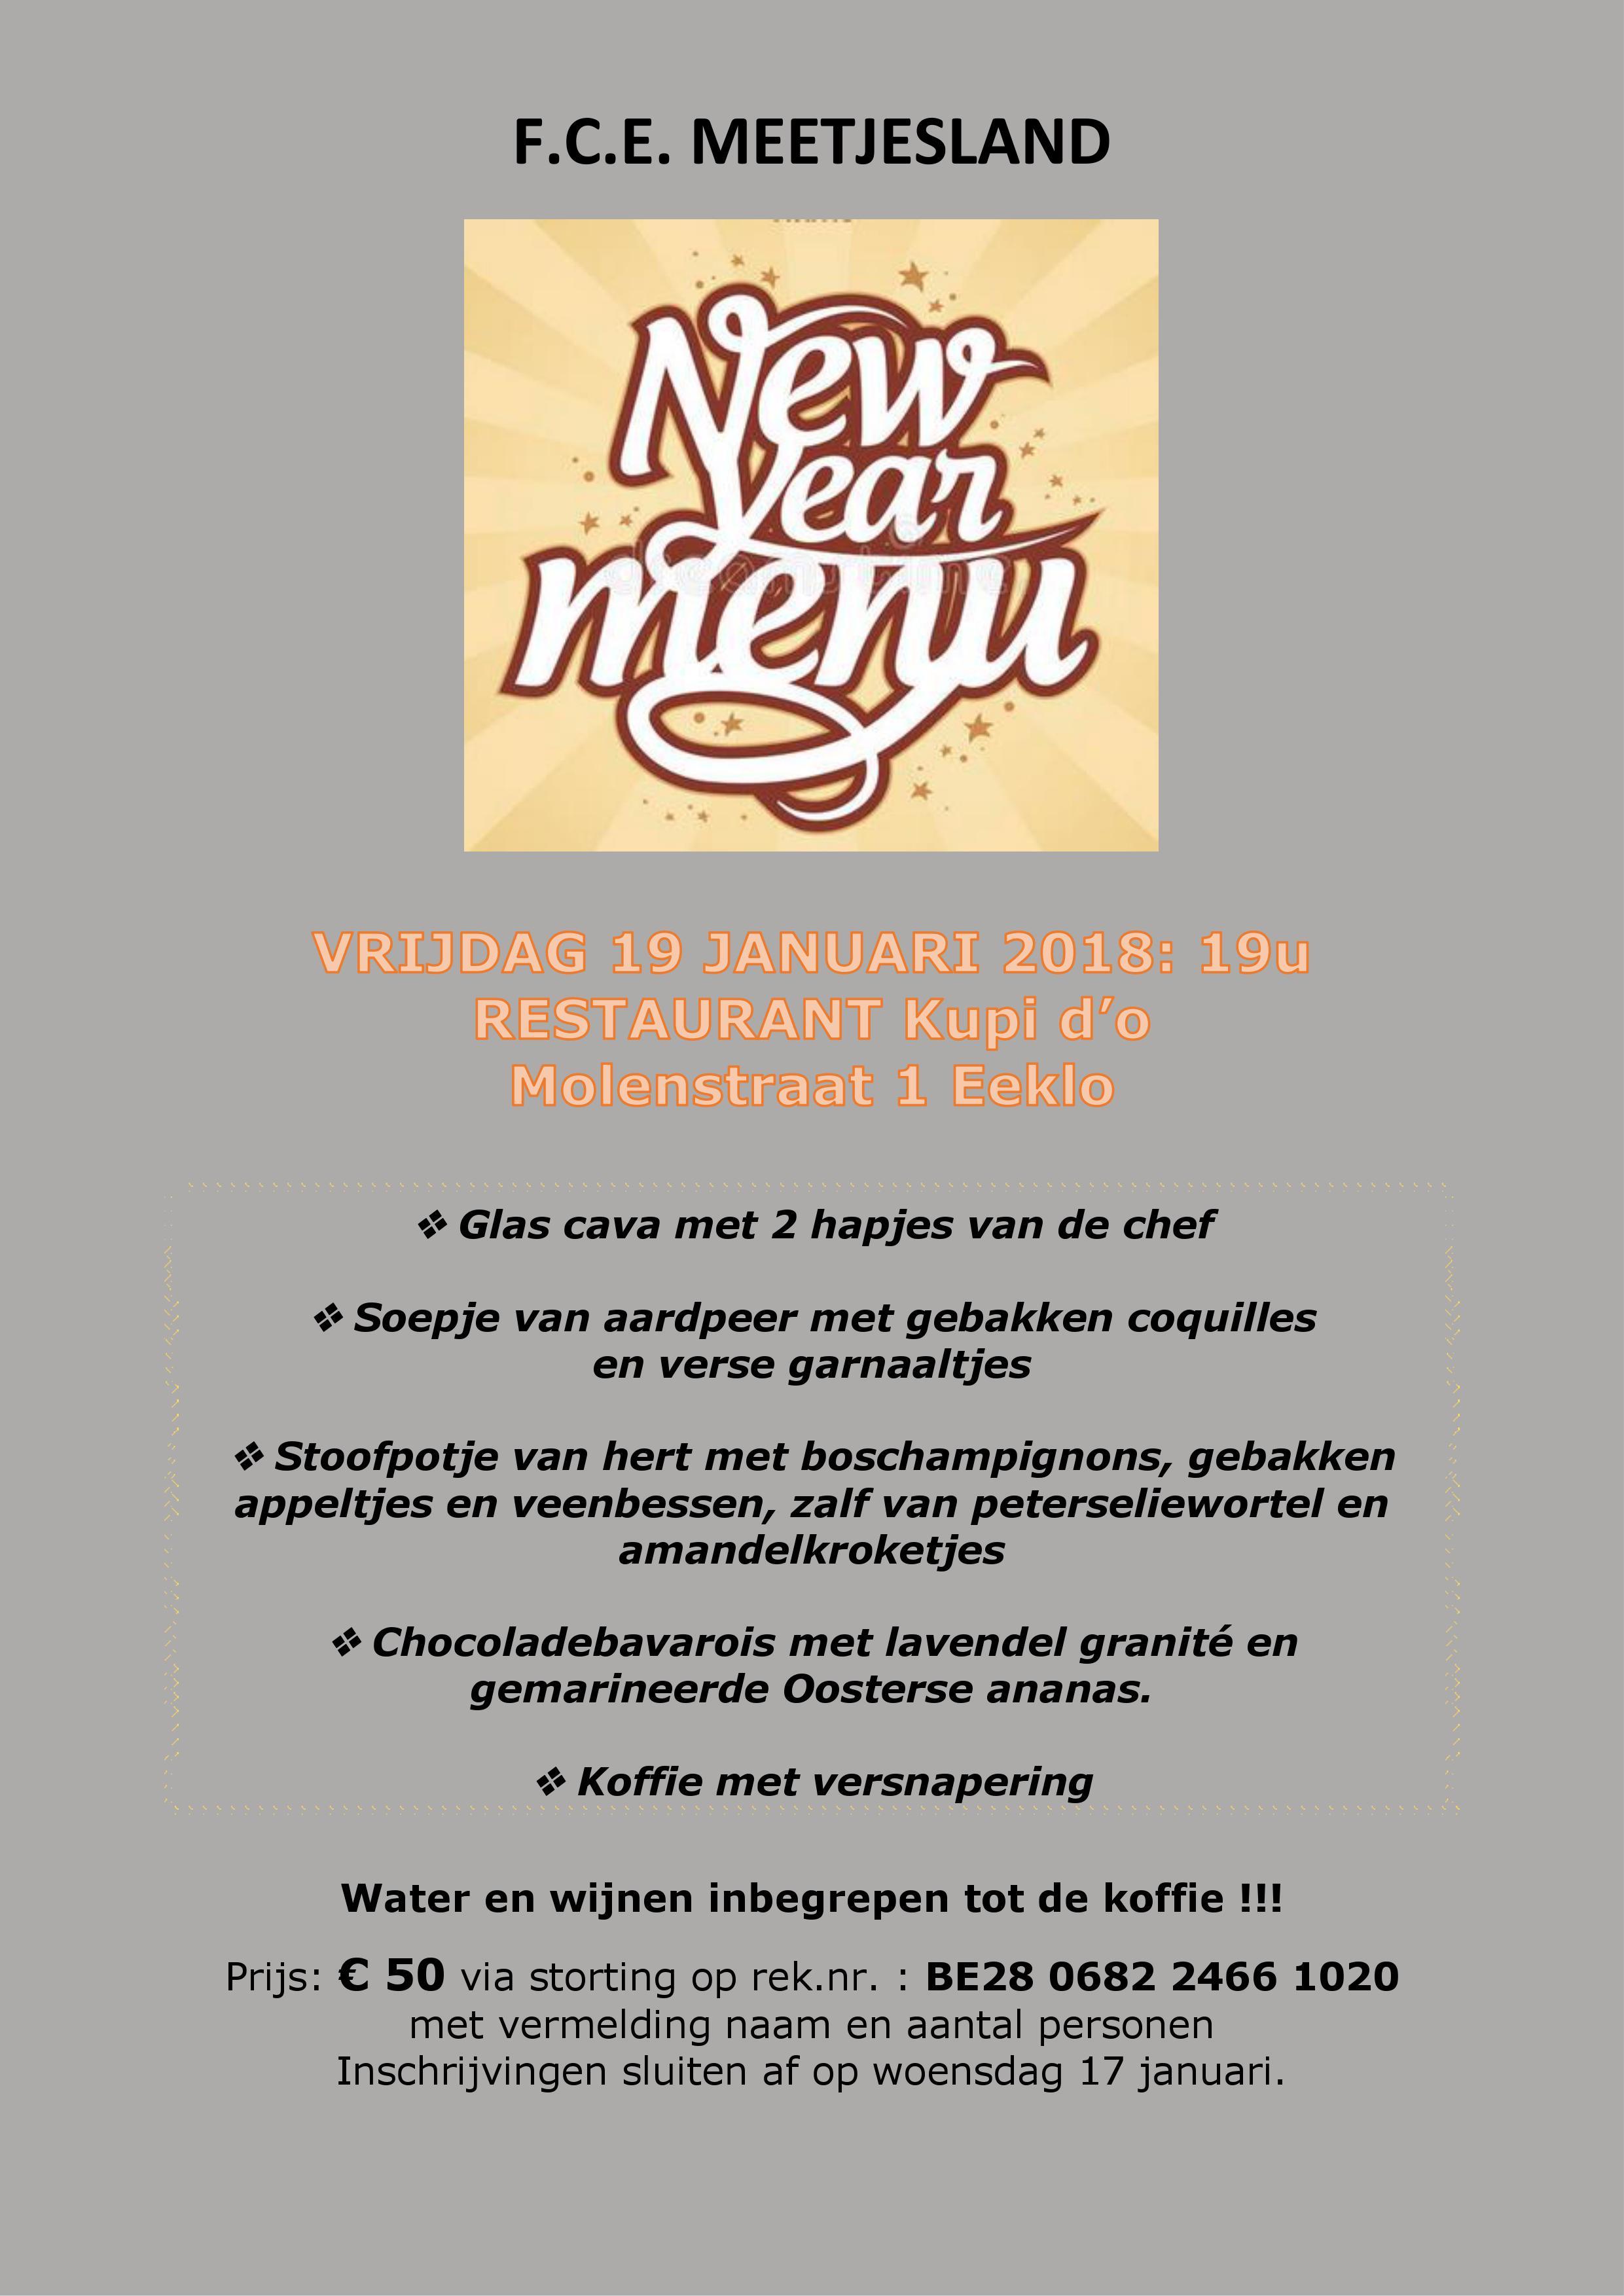 Uitnodiging etentje nieuwe jaar